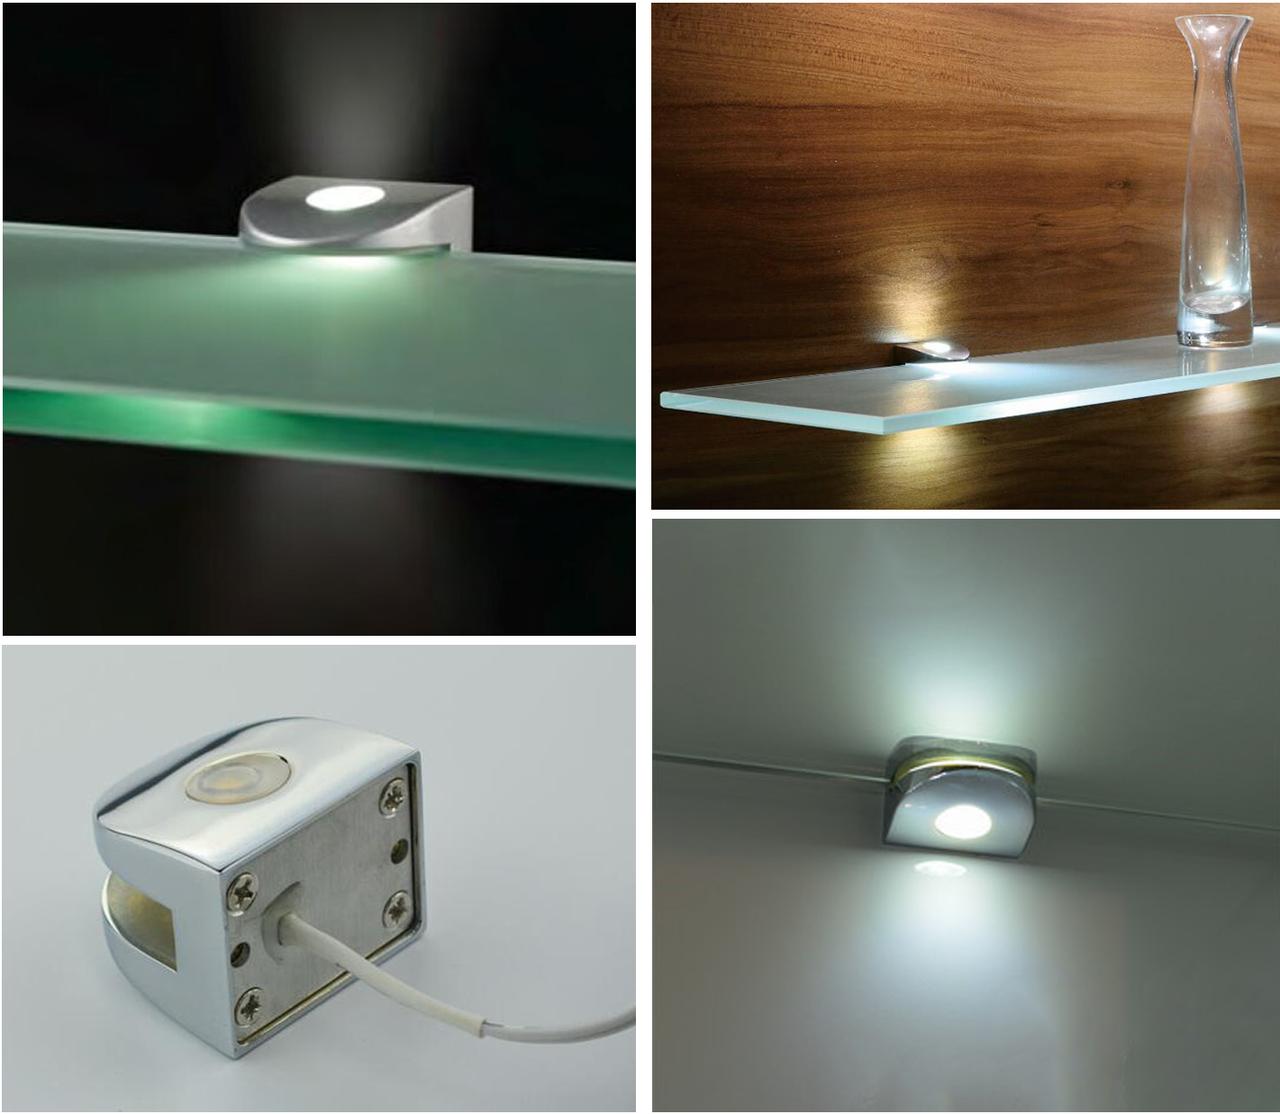 LED Подсветка (хром) полкодержатель   полок из стекла 6-8 мм 20777-03-CH-NW